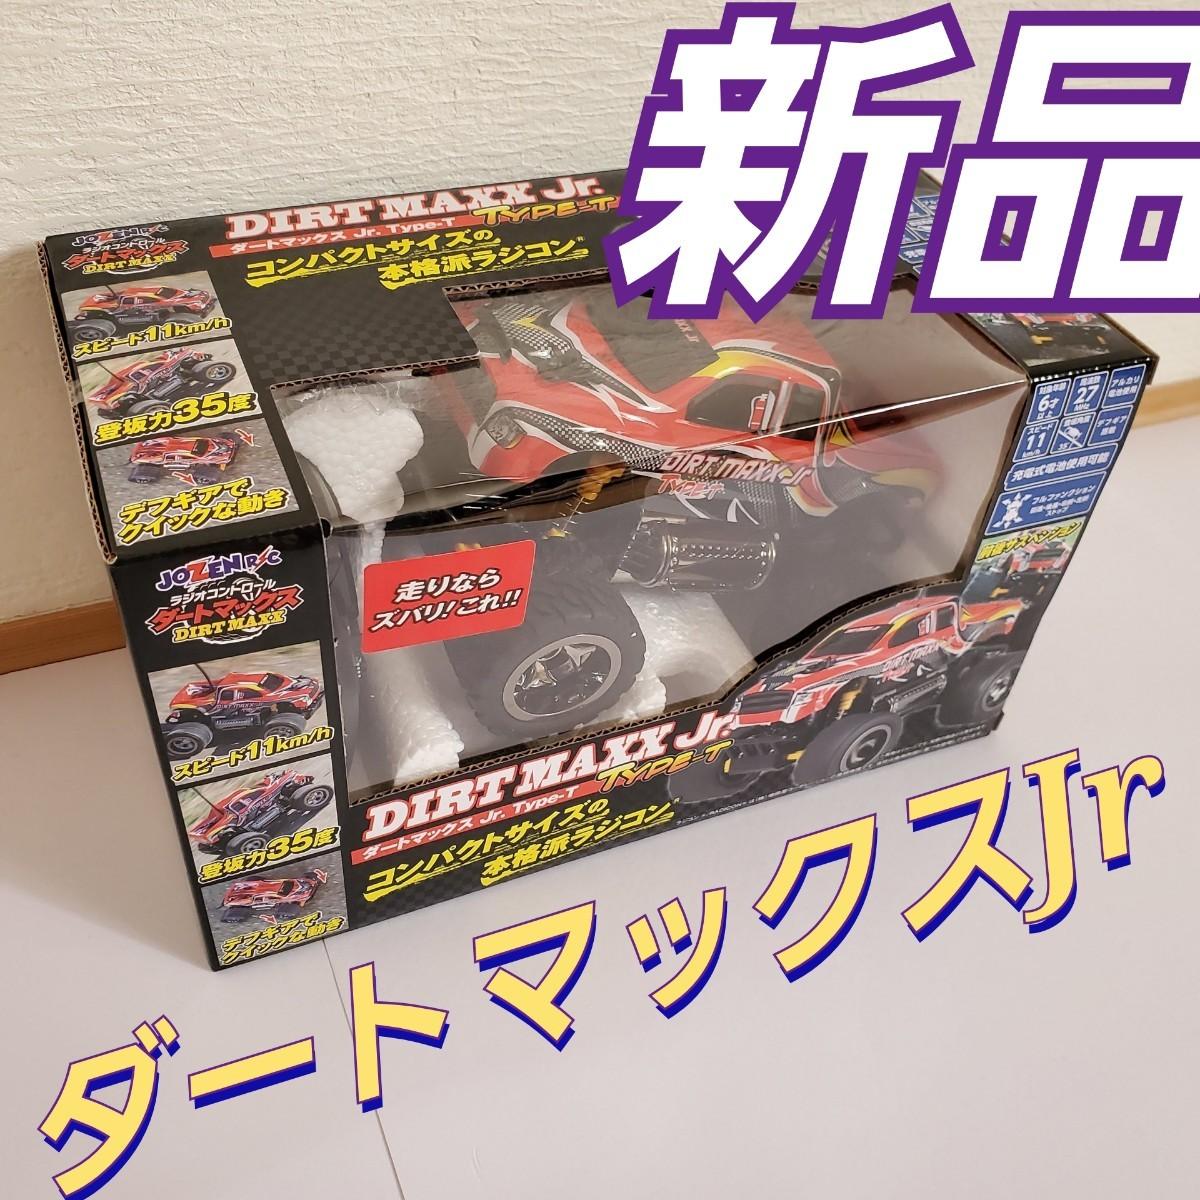 ●★新品★ジョーゼン ダートマックスJr. Type-T 1/28スケール